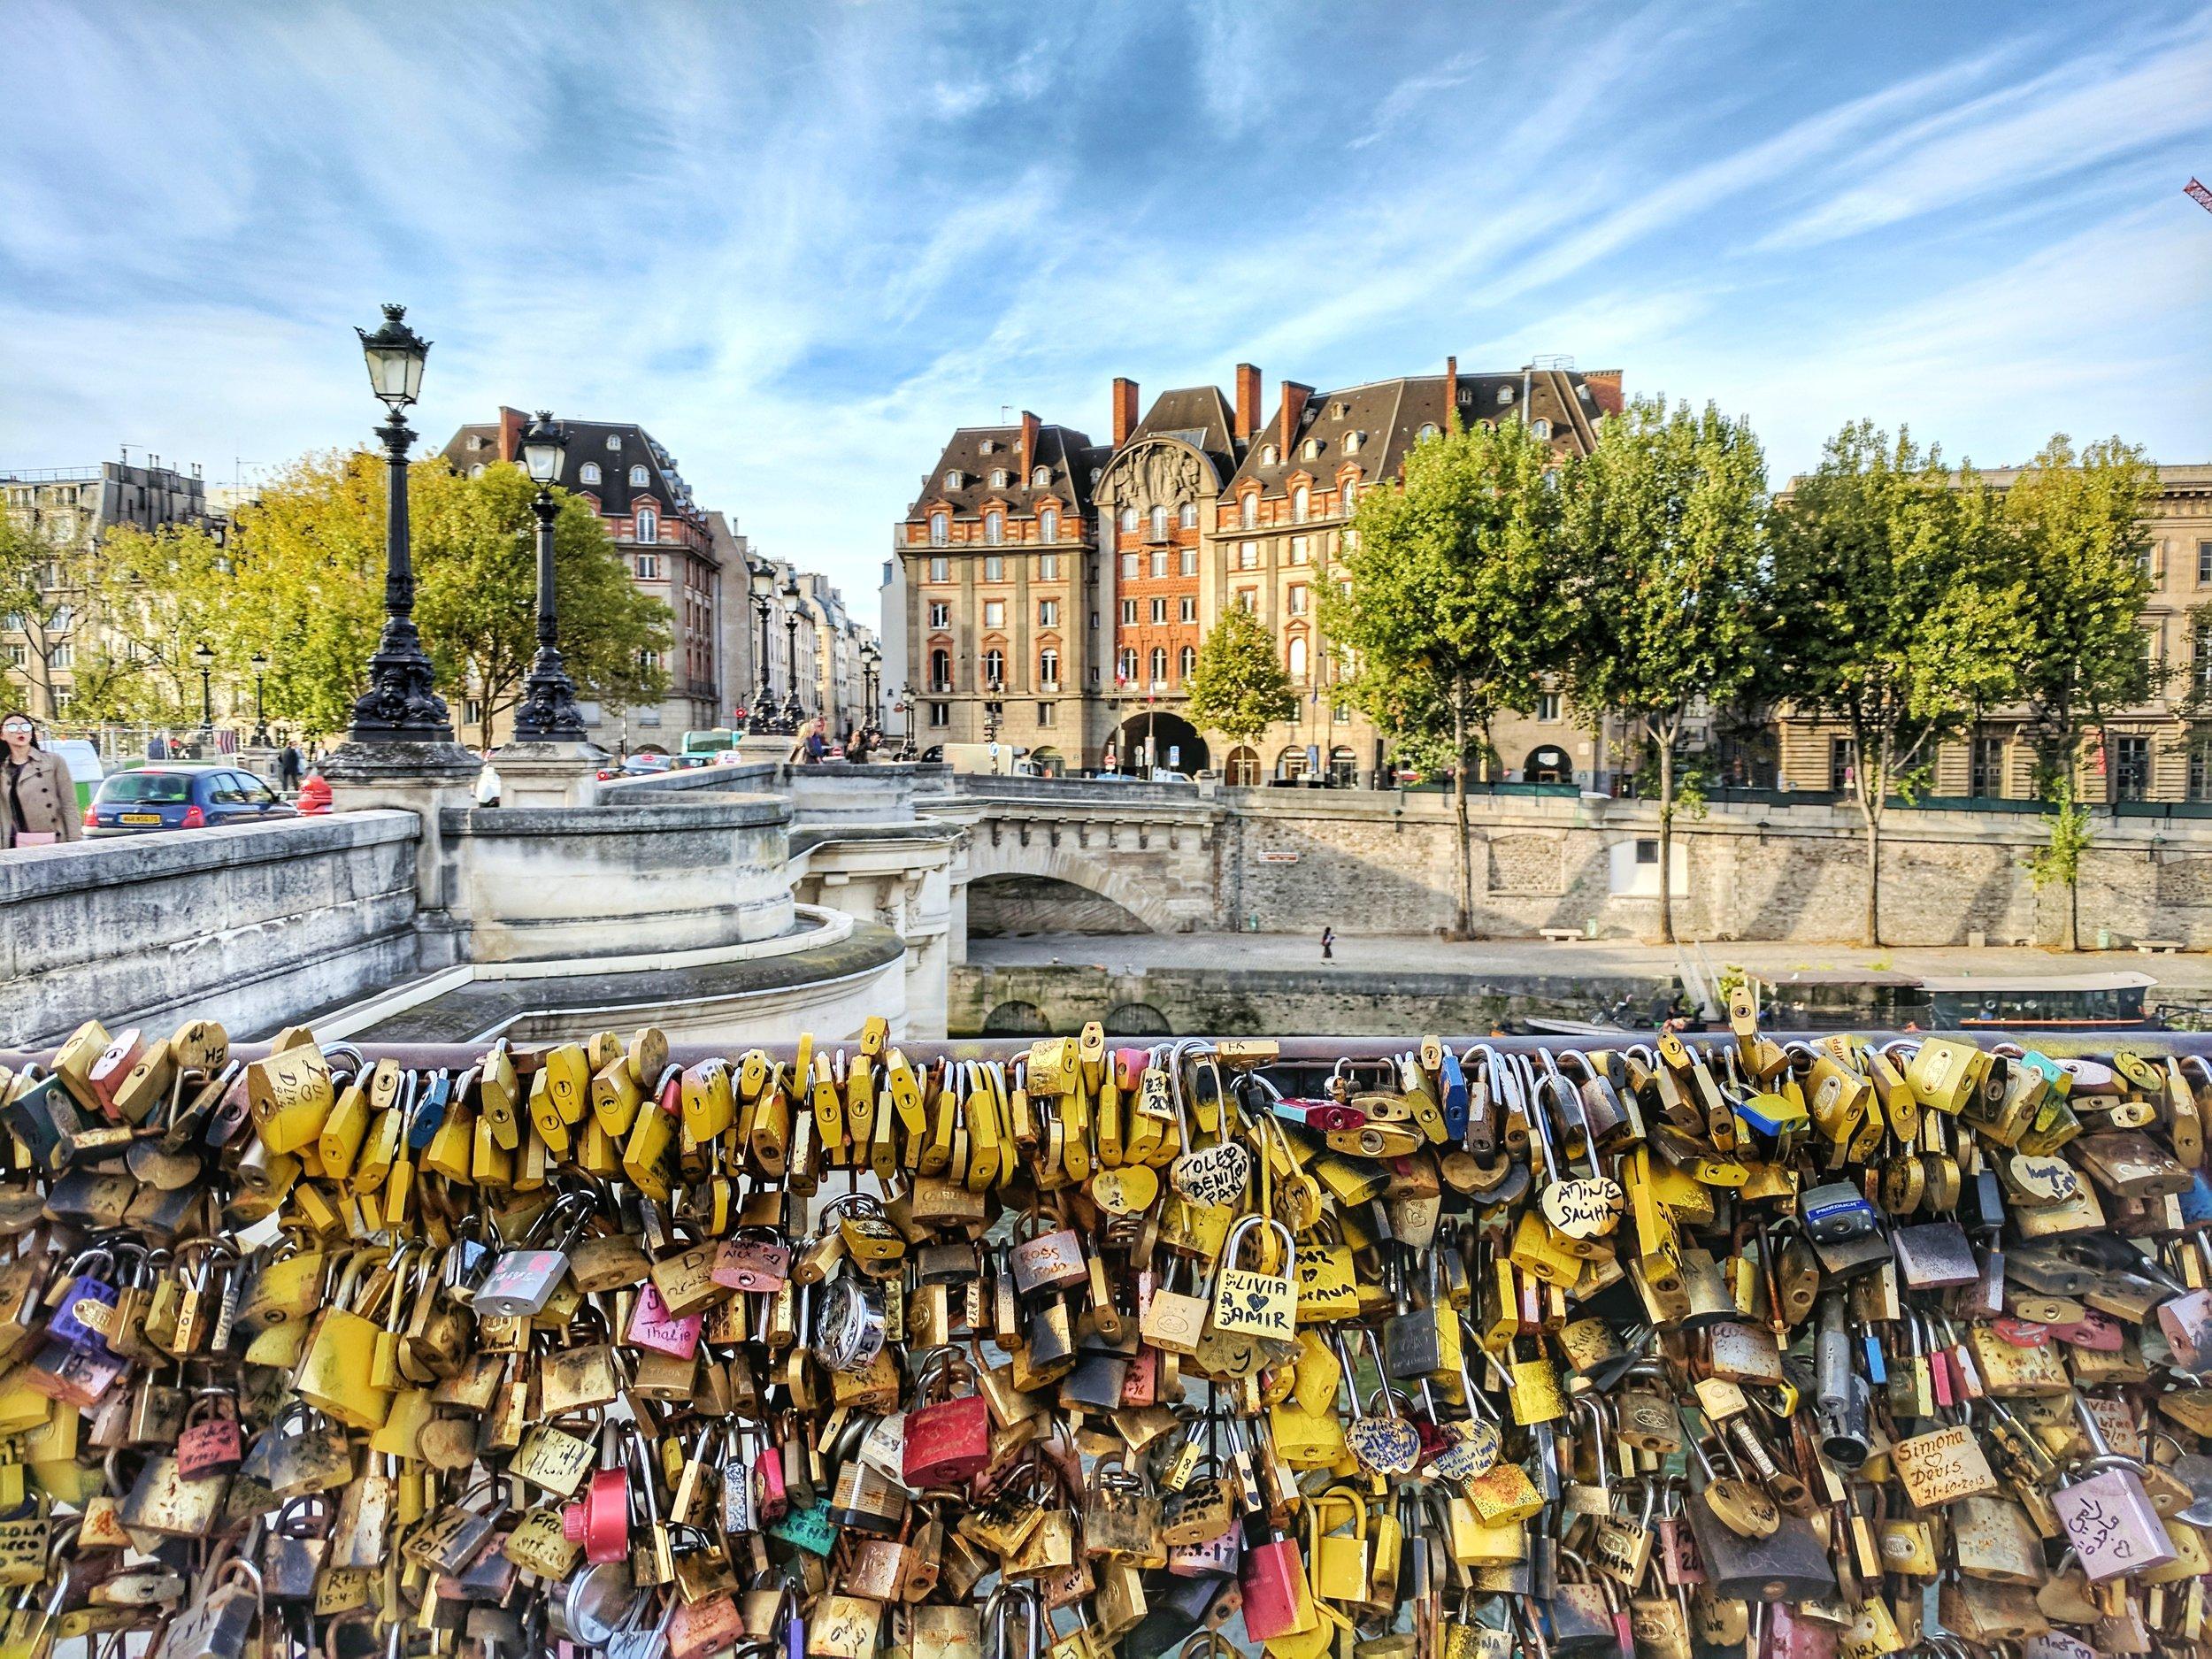 pont-neuf-love-locks.jpg